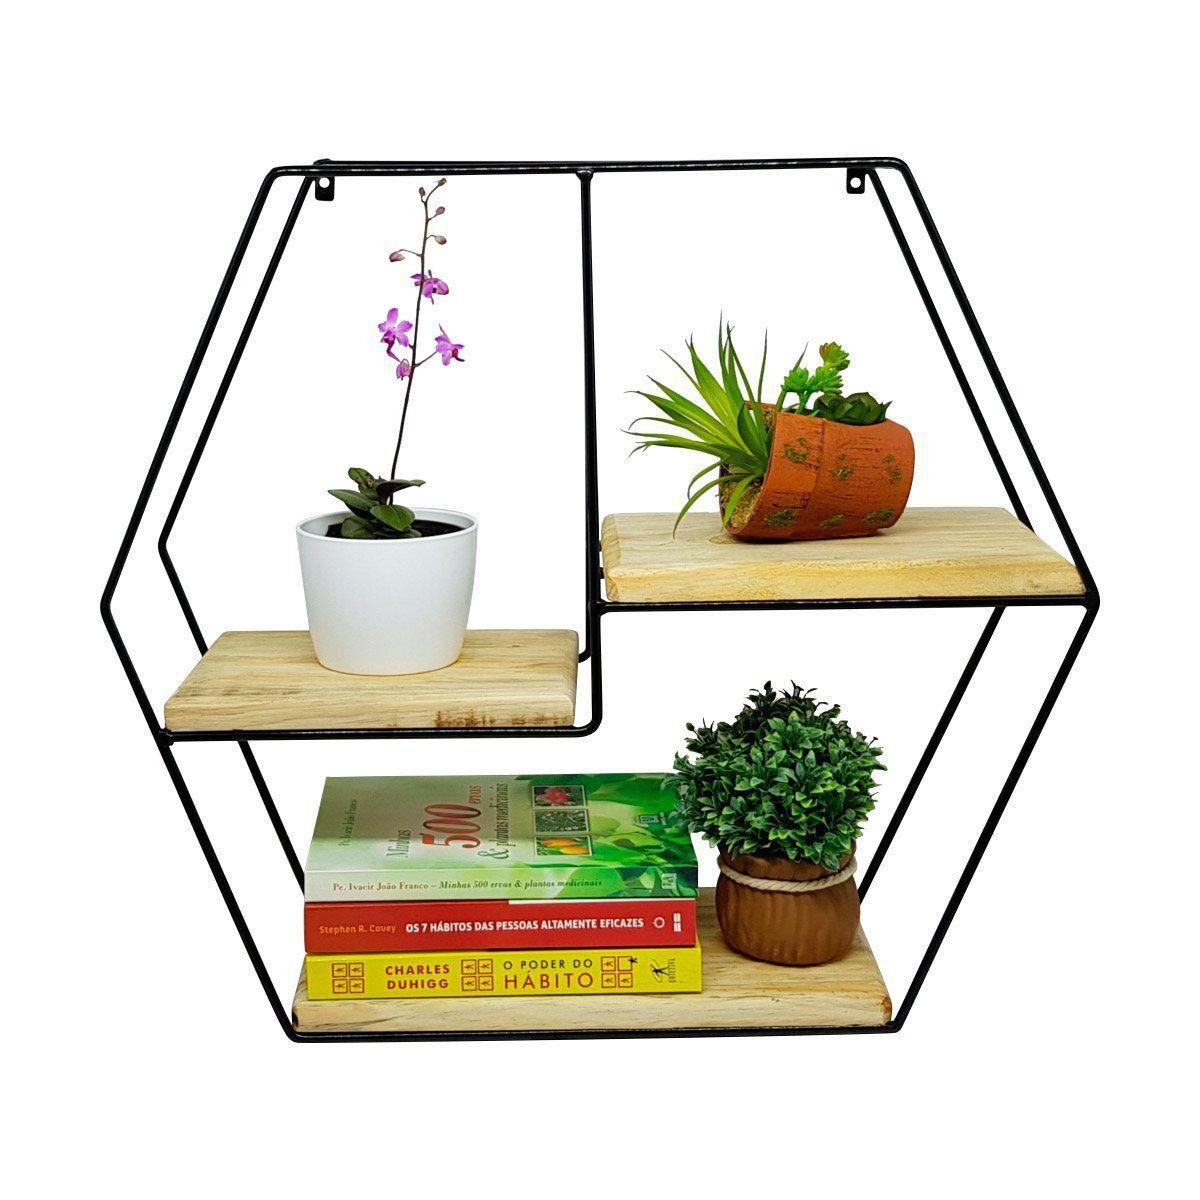 Prateleira Rústica Decorativa Hexagonal 50cm x 57cm